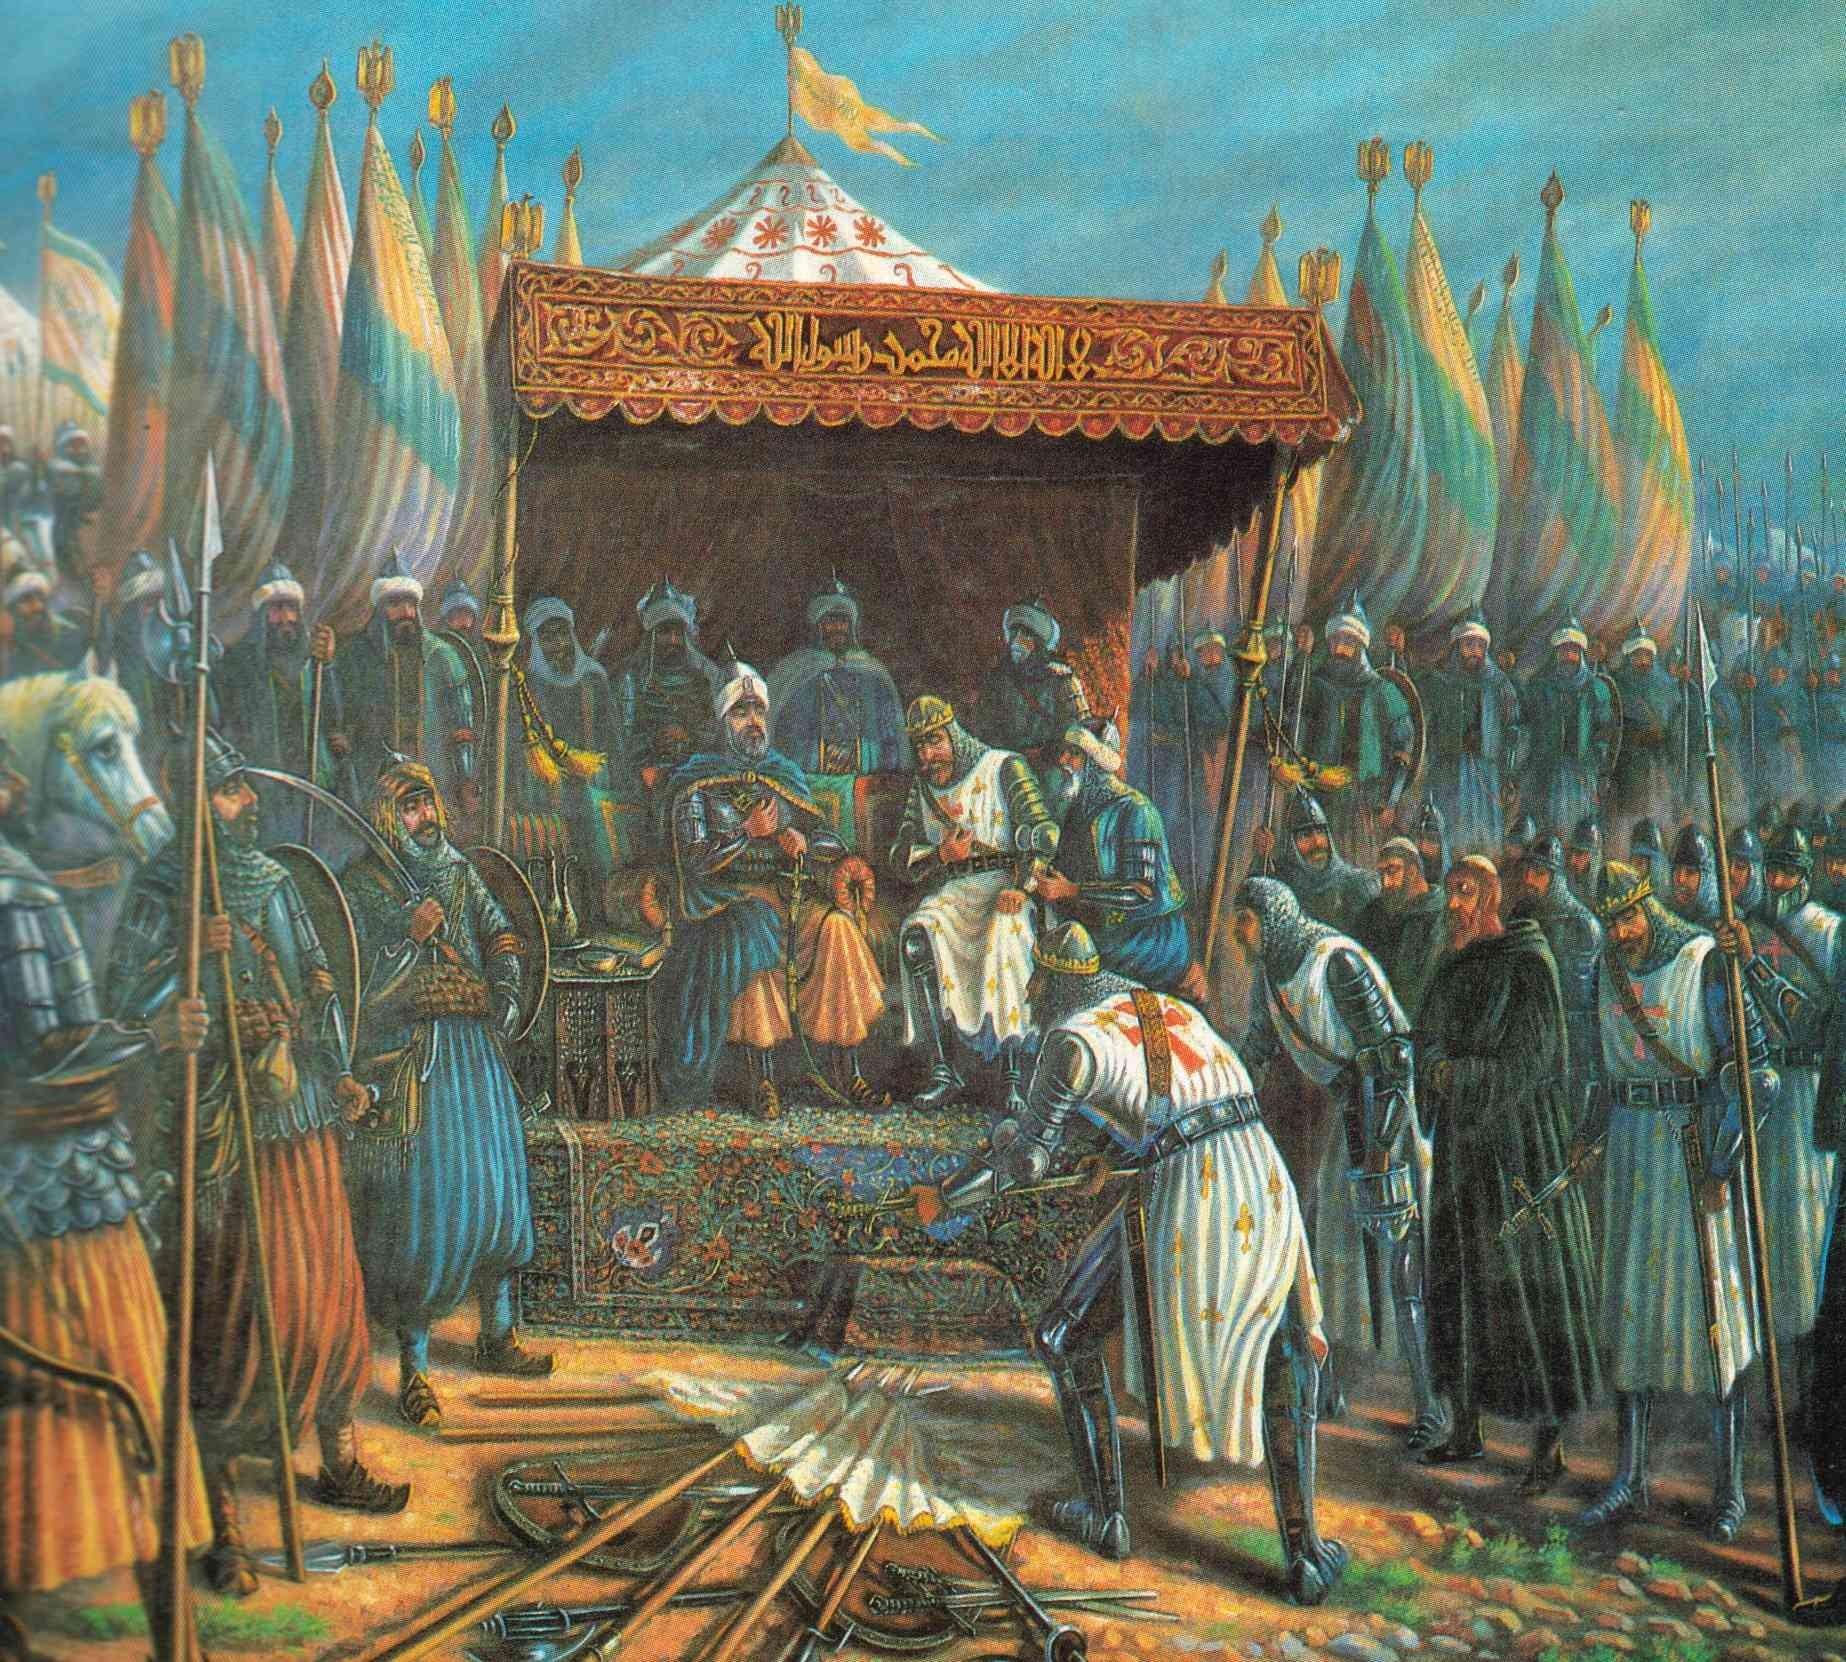 Pintura sobre o momento em que as tropas cristãs se renderam a Saladino (Foto: Reprodução)